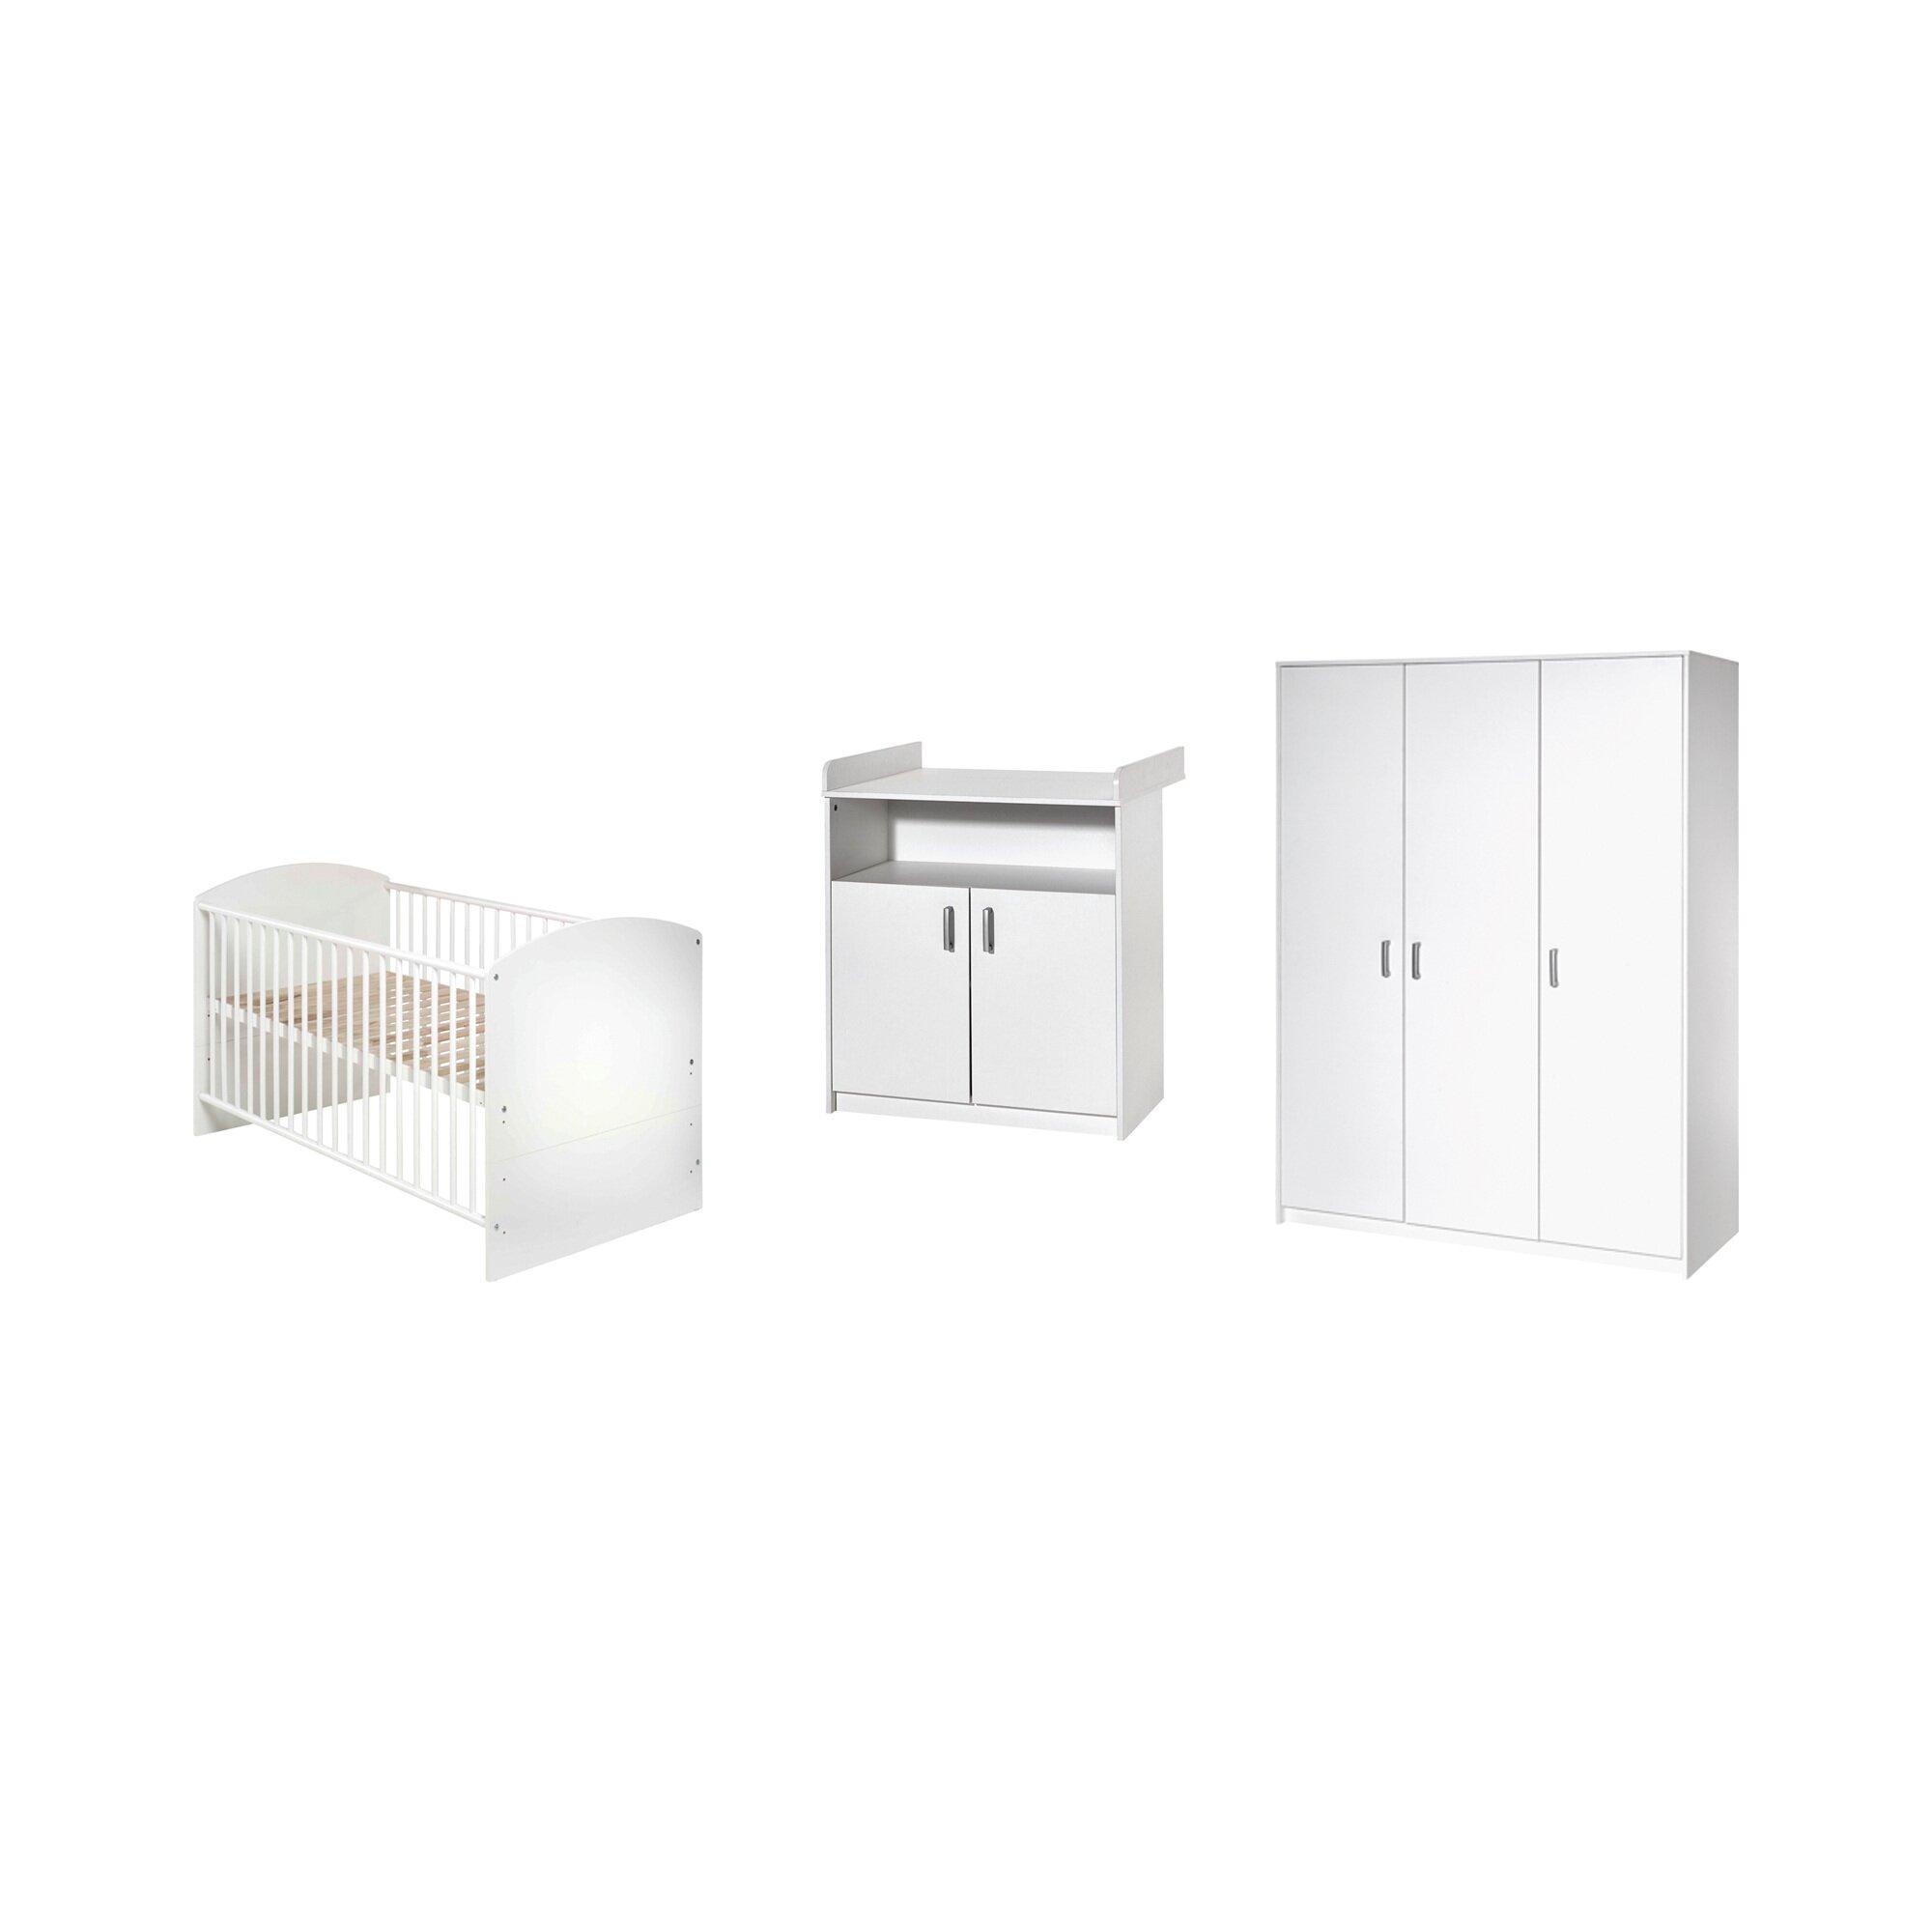 schardt-3-tlg-babyzimmer-classic-white-mit-3-turigem-kleiderschrank